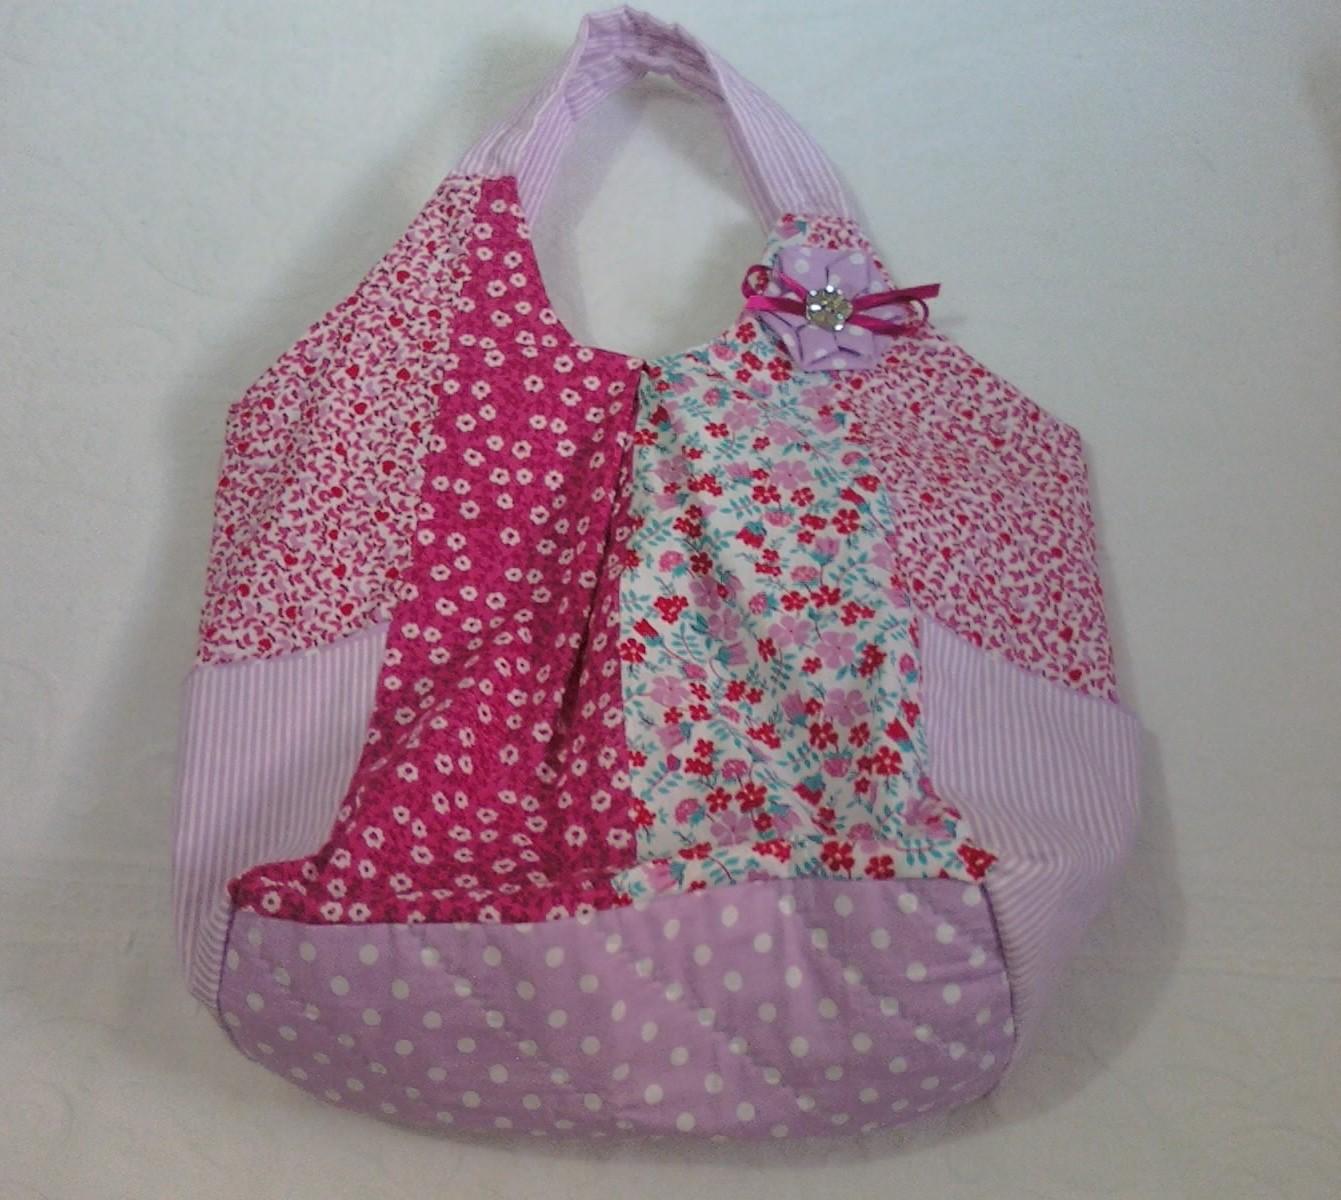 Bolsa De Tecido Com Perola : Cetim mea decora??o bolsas em tecido